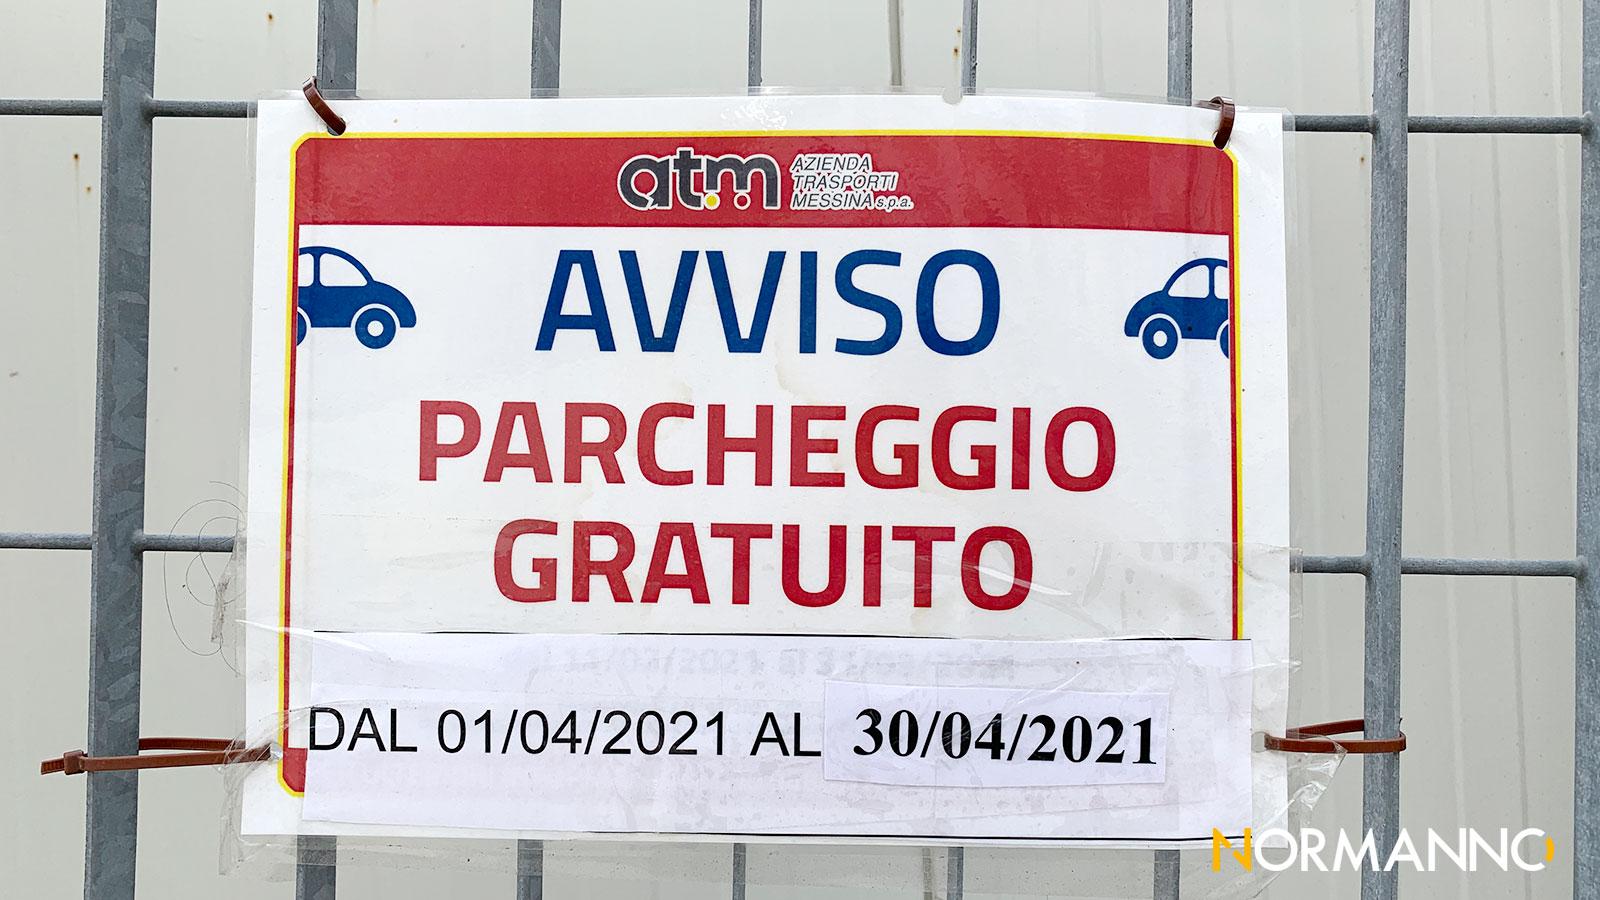 cartello: parcheggi a pagamento gratis a messina fino al 30 aprile 2021